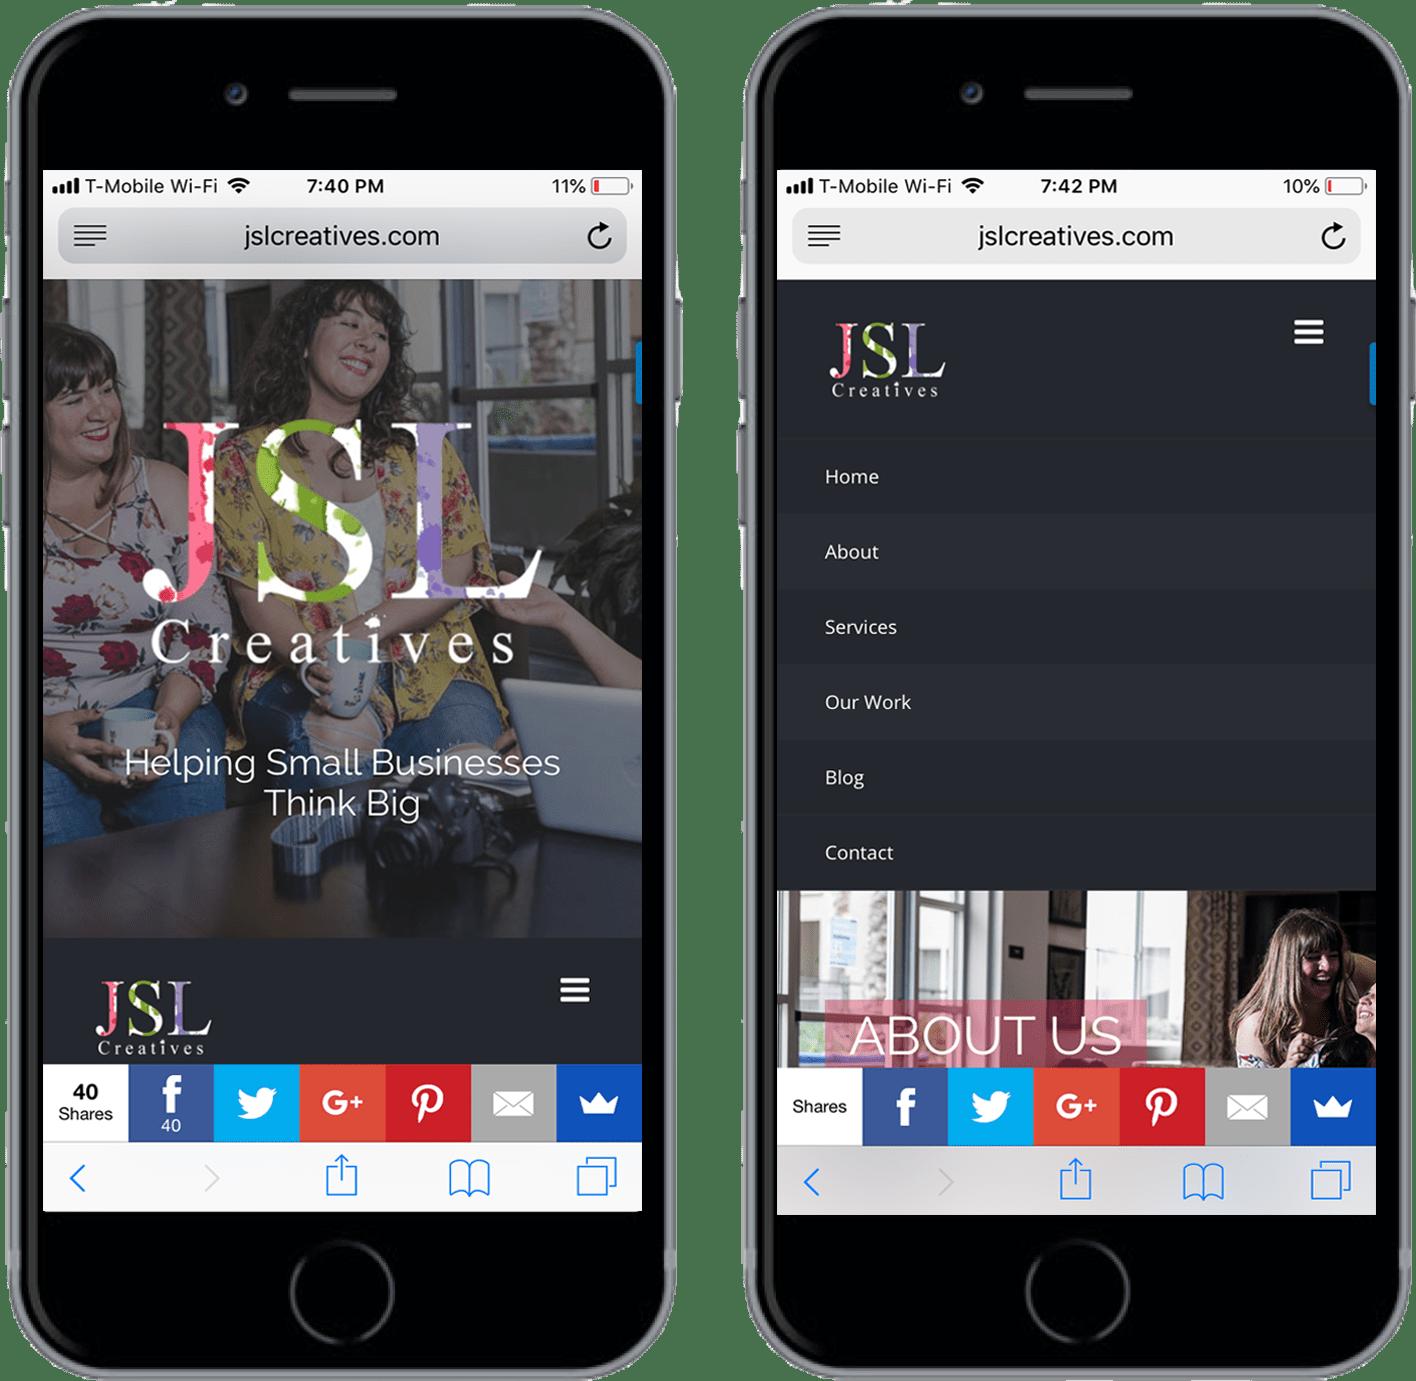 JSL-Creative-Mobile-Mockup.png